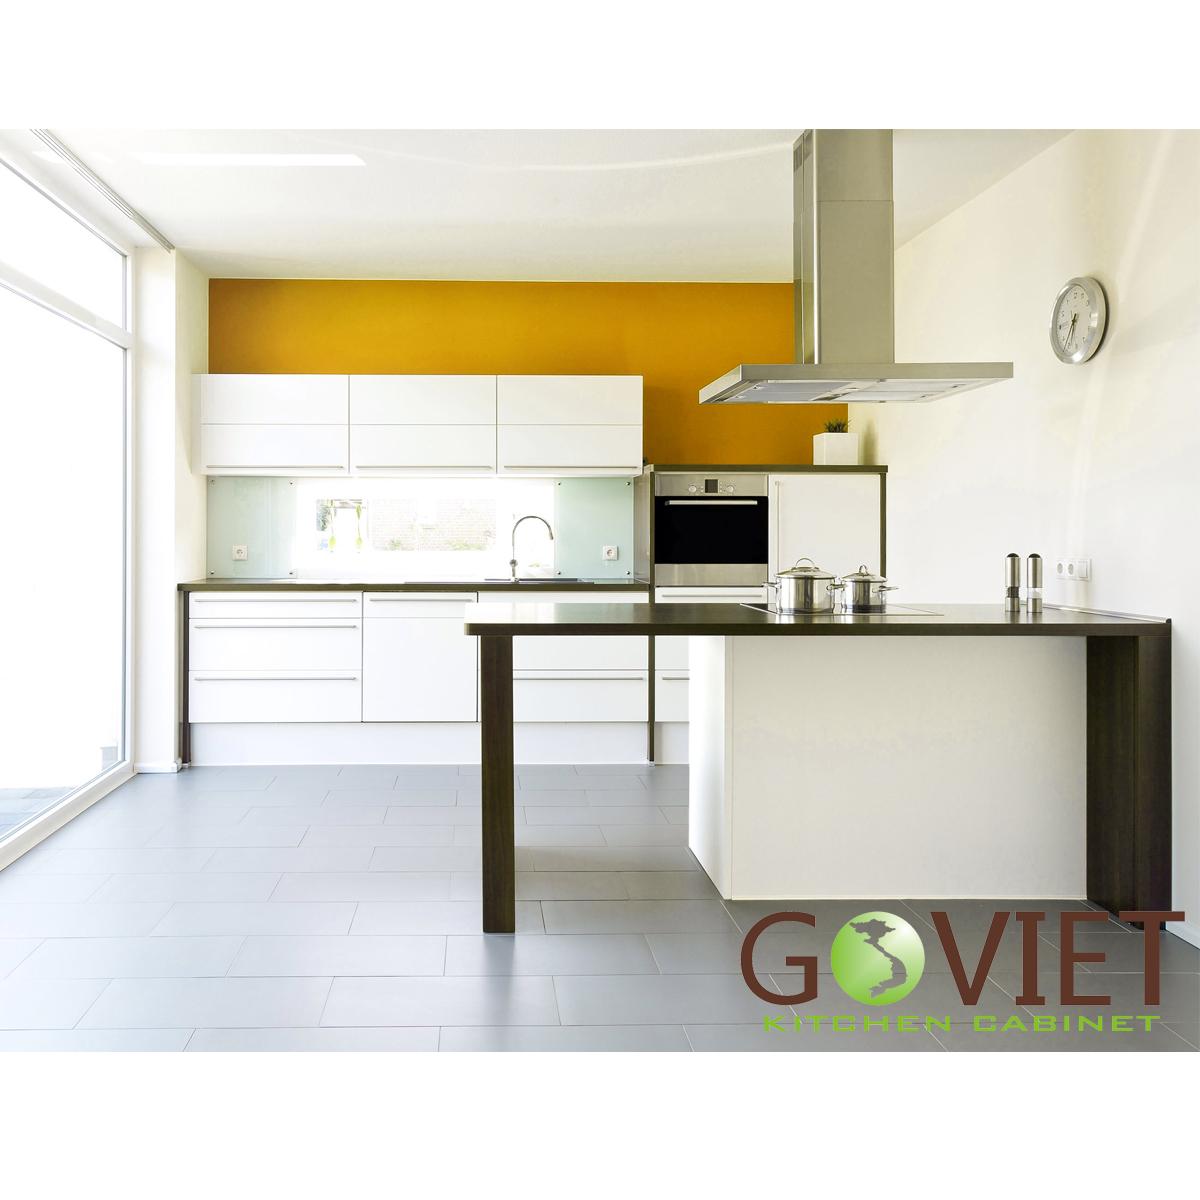 Tủ bếp dạng chữ L GVL001